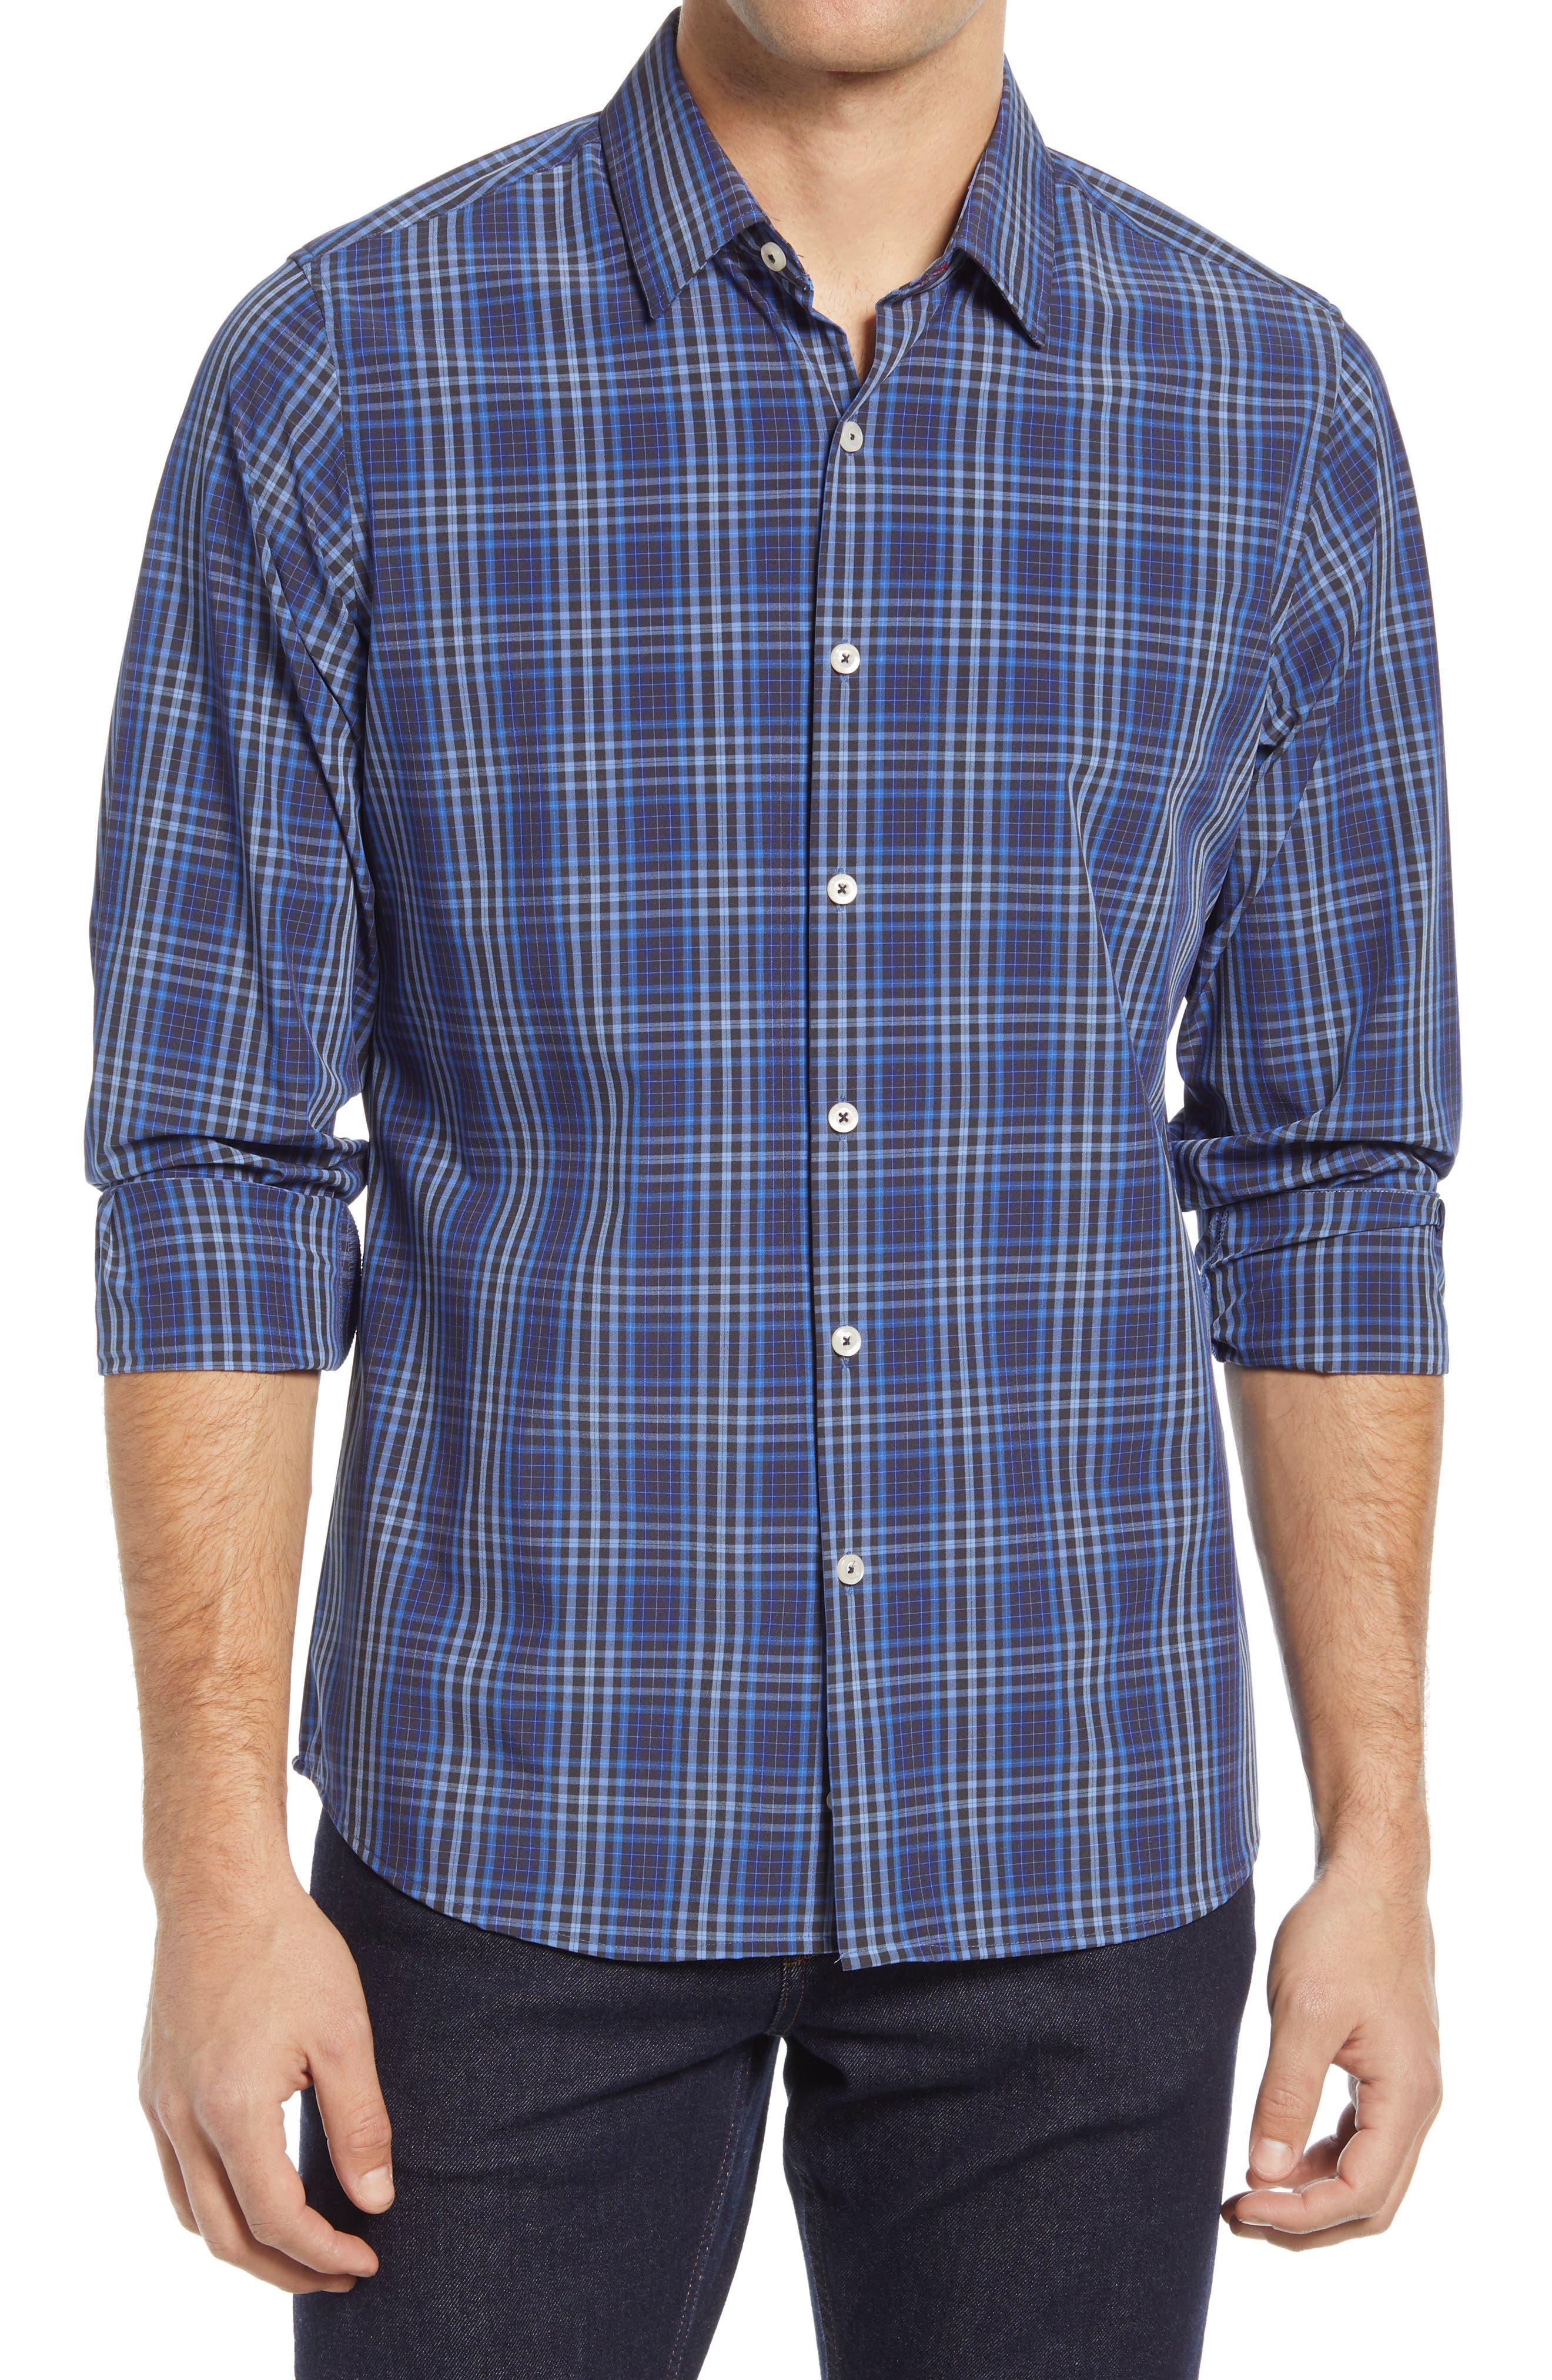 Trim Fit Plaid Button-Up Shirt